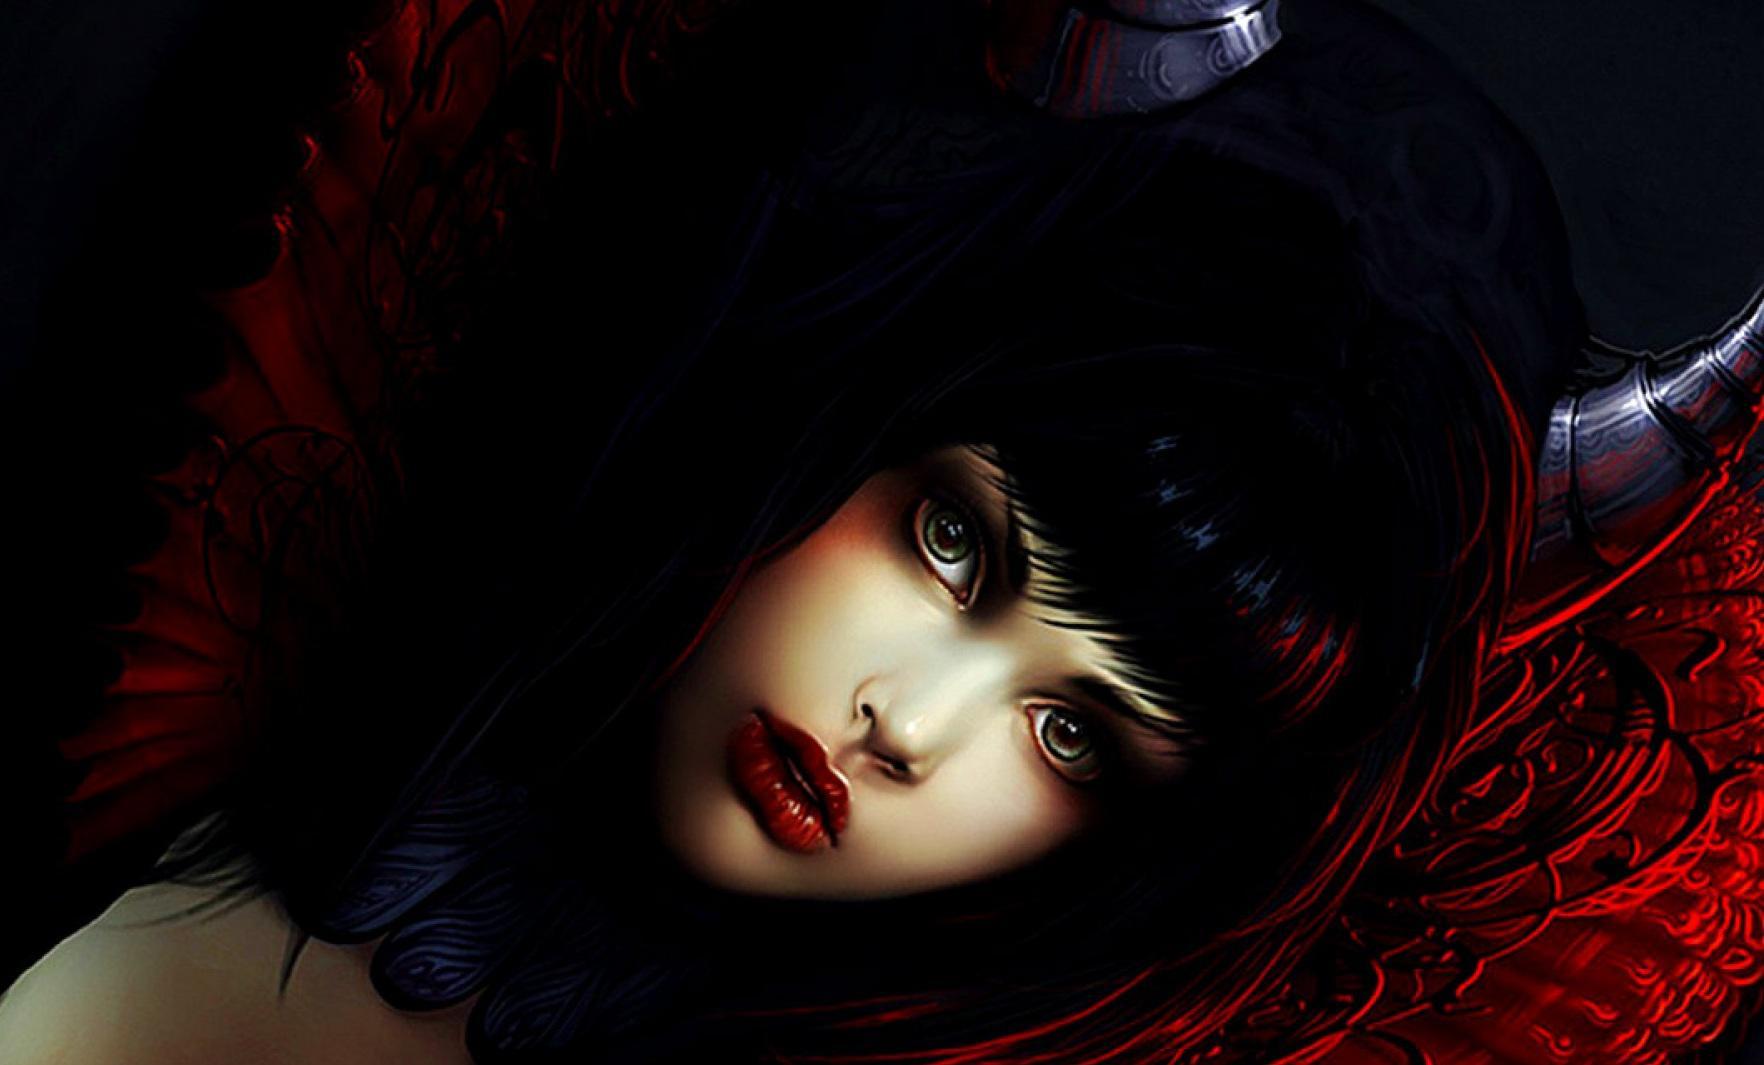 Devil Girl Wallpaper - WallpaperSafari